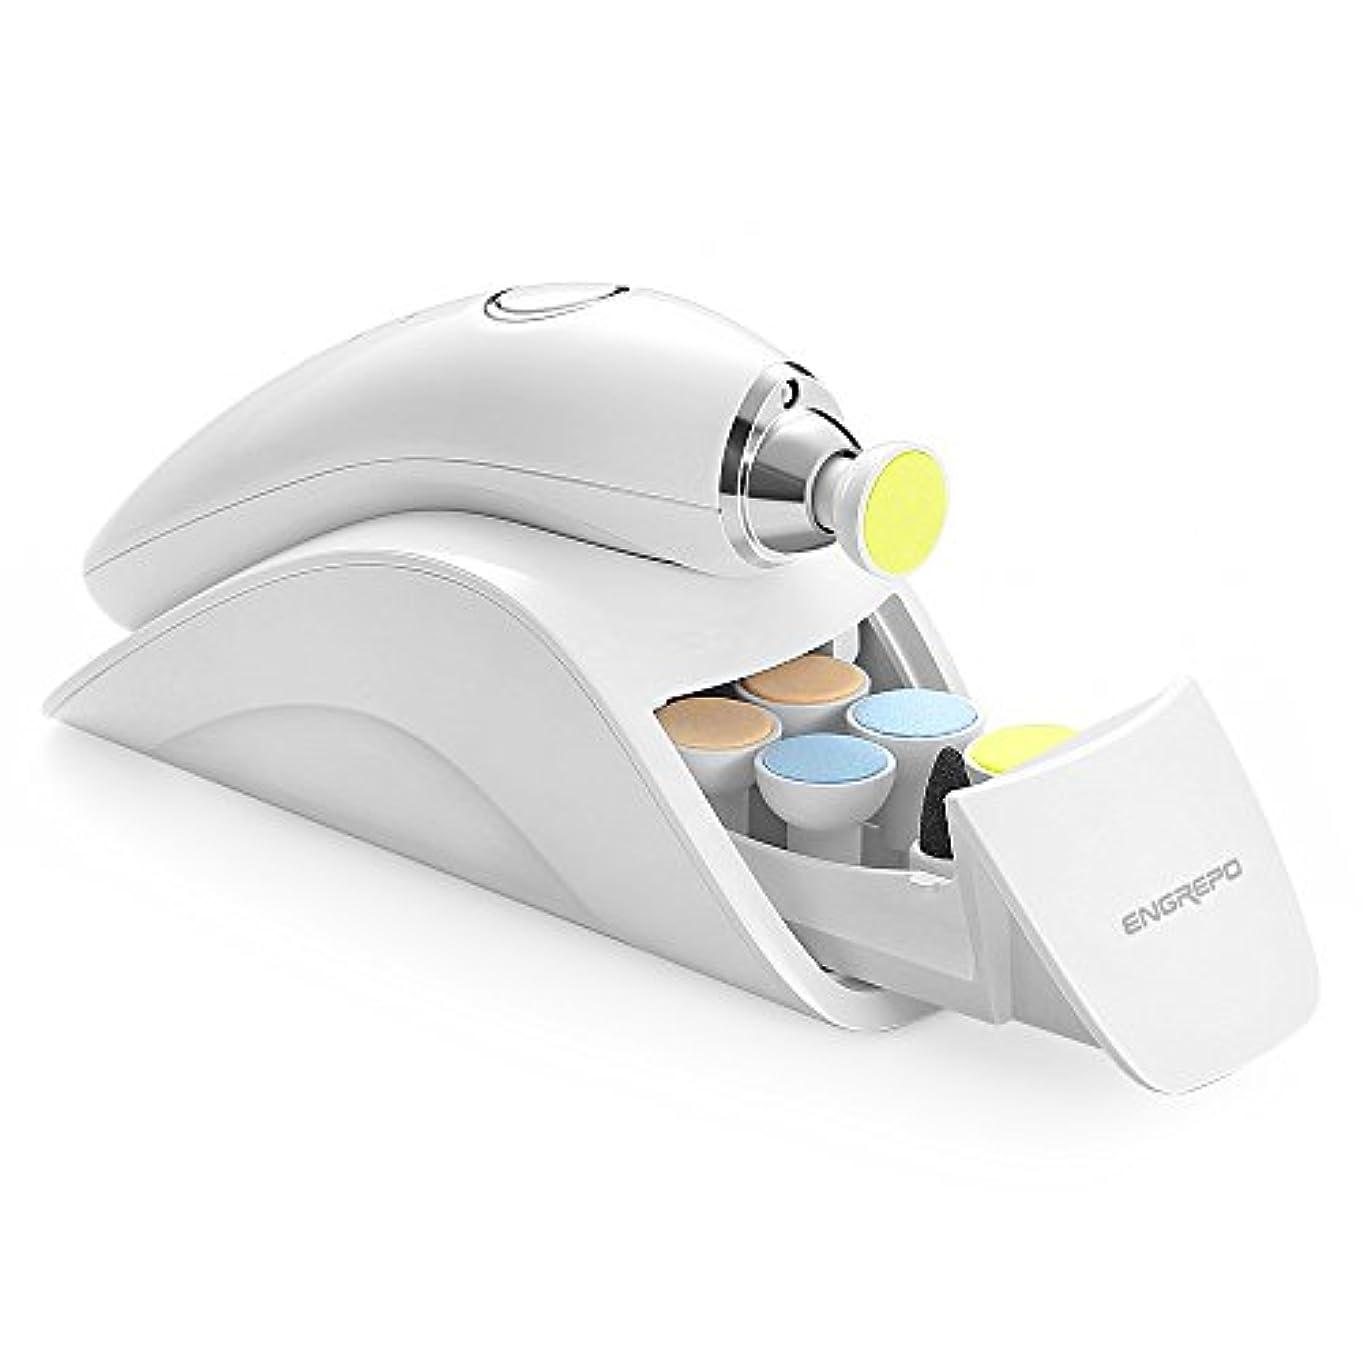 抗議幼児ずんぐりしたENGREPO ベビーレーベル ネイルケアセット レーベル ホワイト(新生児~対象) ママにも使えるネイルケア(4種類の磨きヘッド、超低デシベル、3速ギア、LEDフィルインライト)円弧充電ベース隠し収納ボックス付き